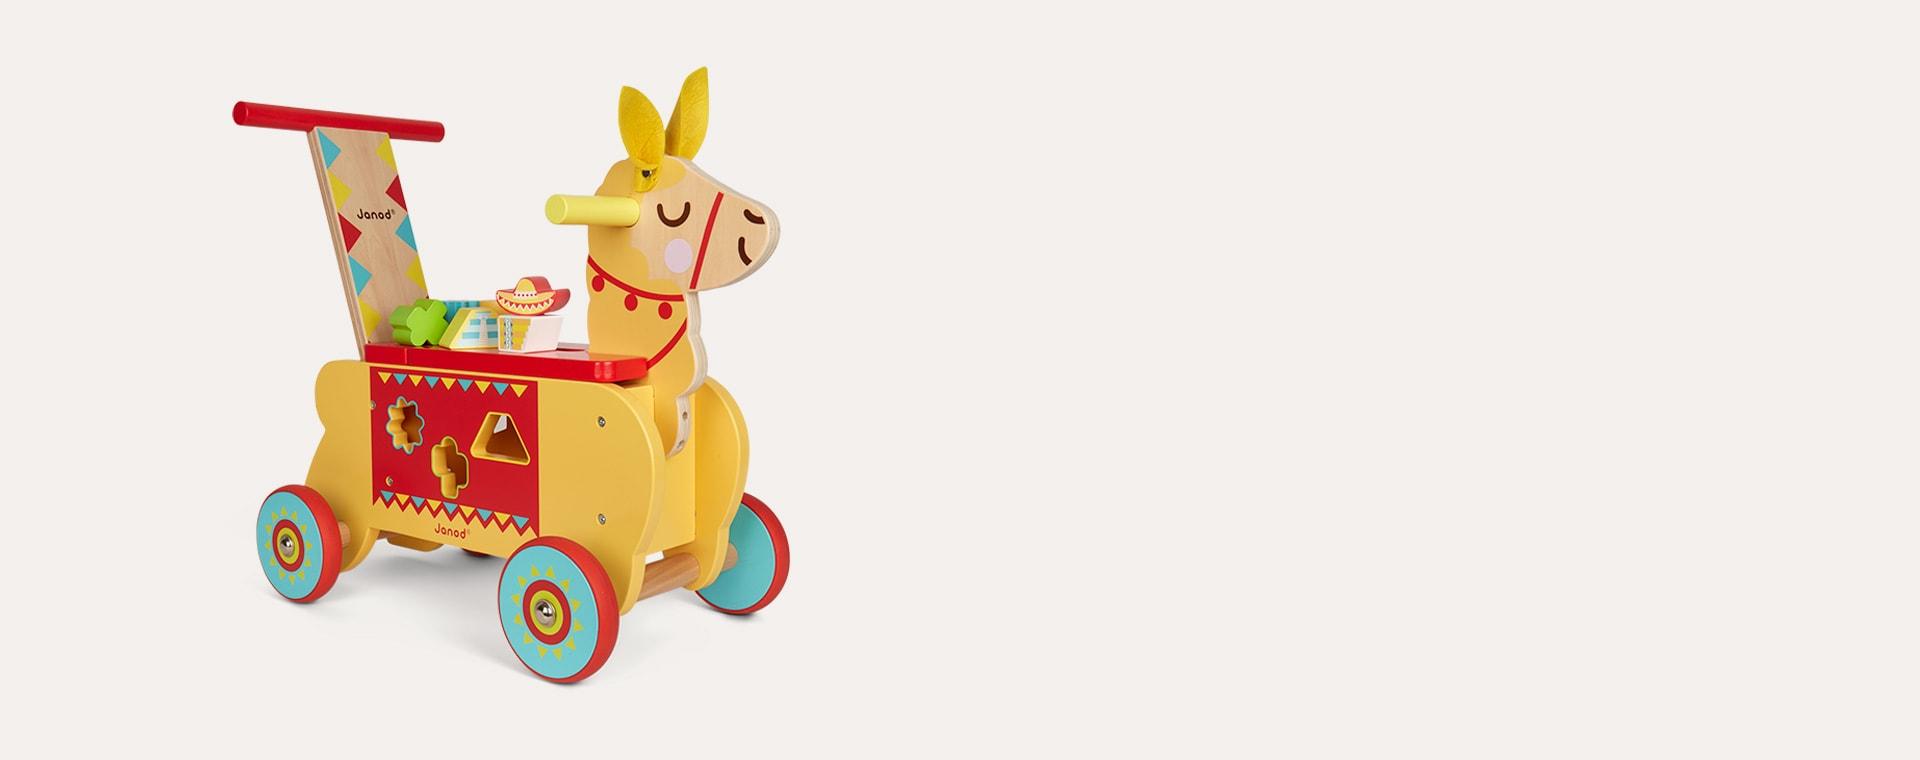 Buy The Janod Llama Ride On At Kidly Uk